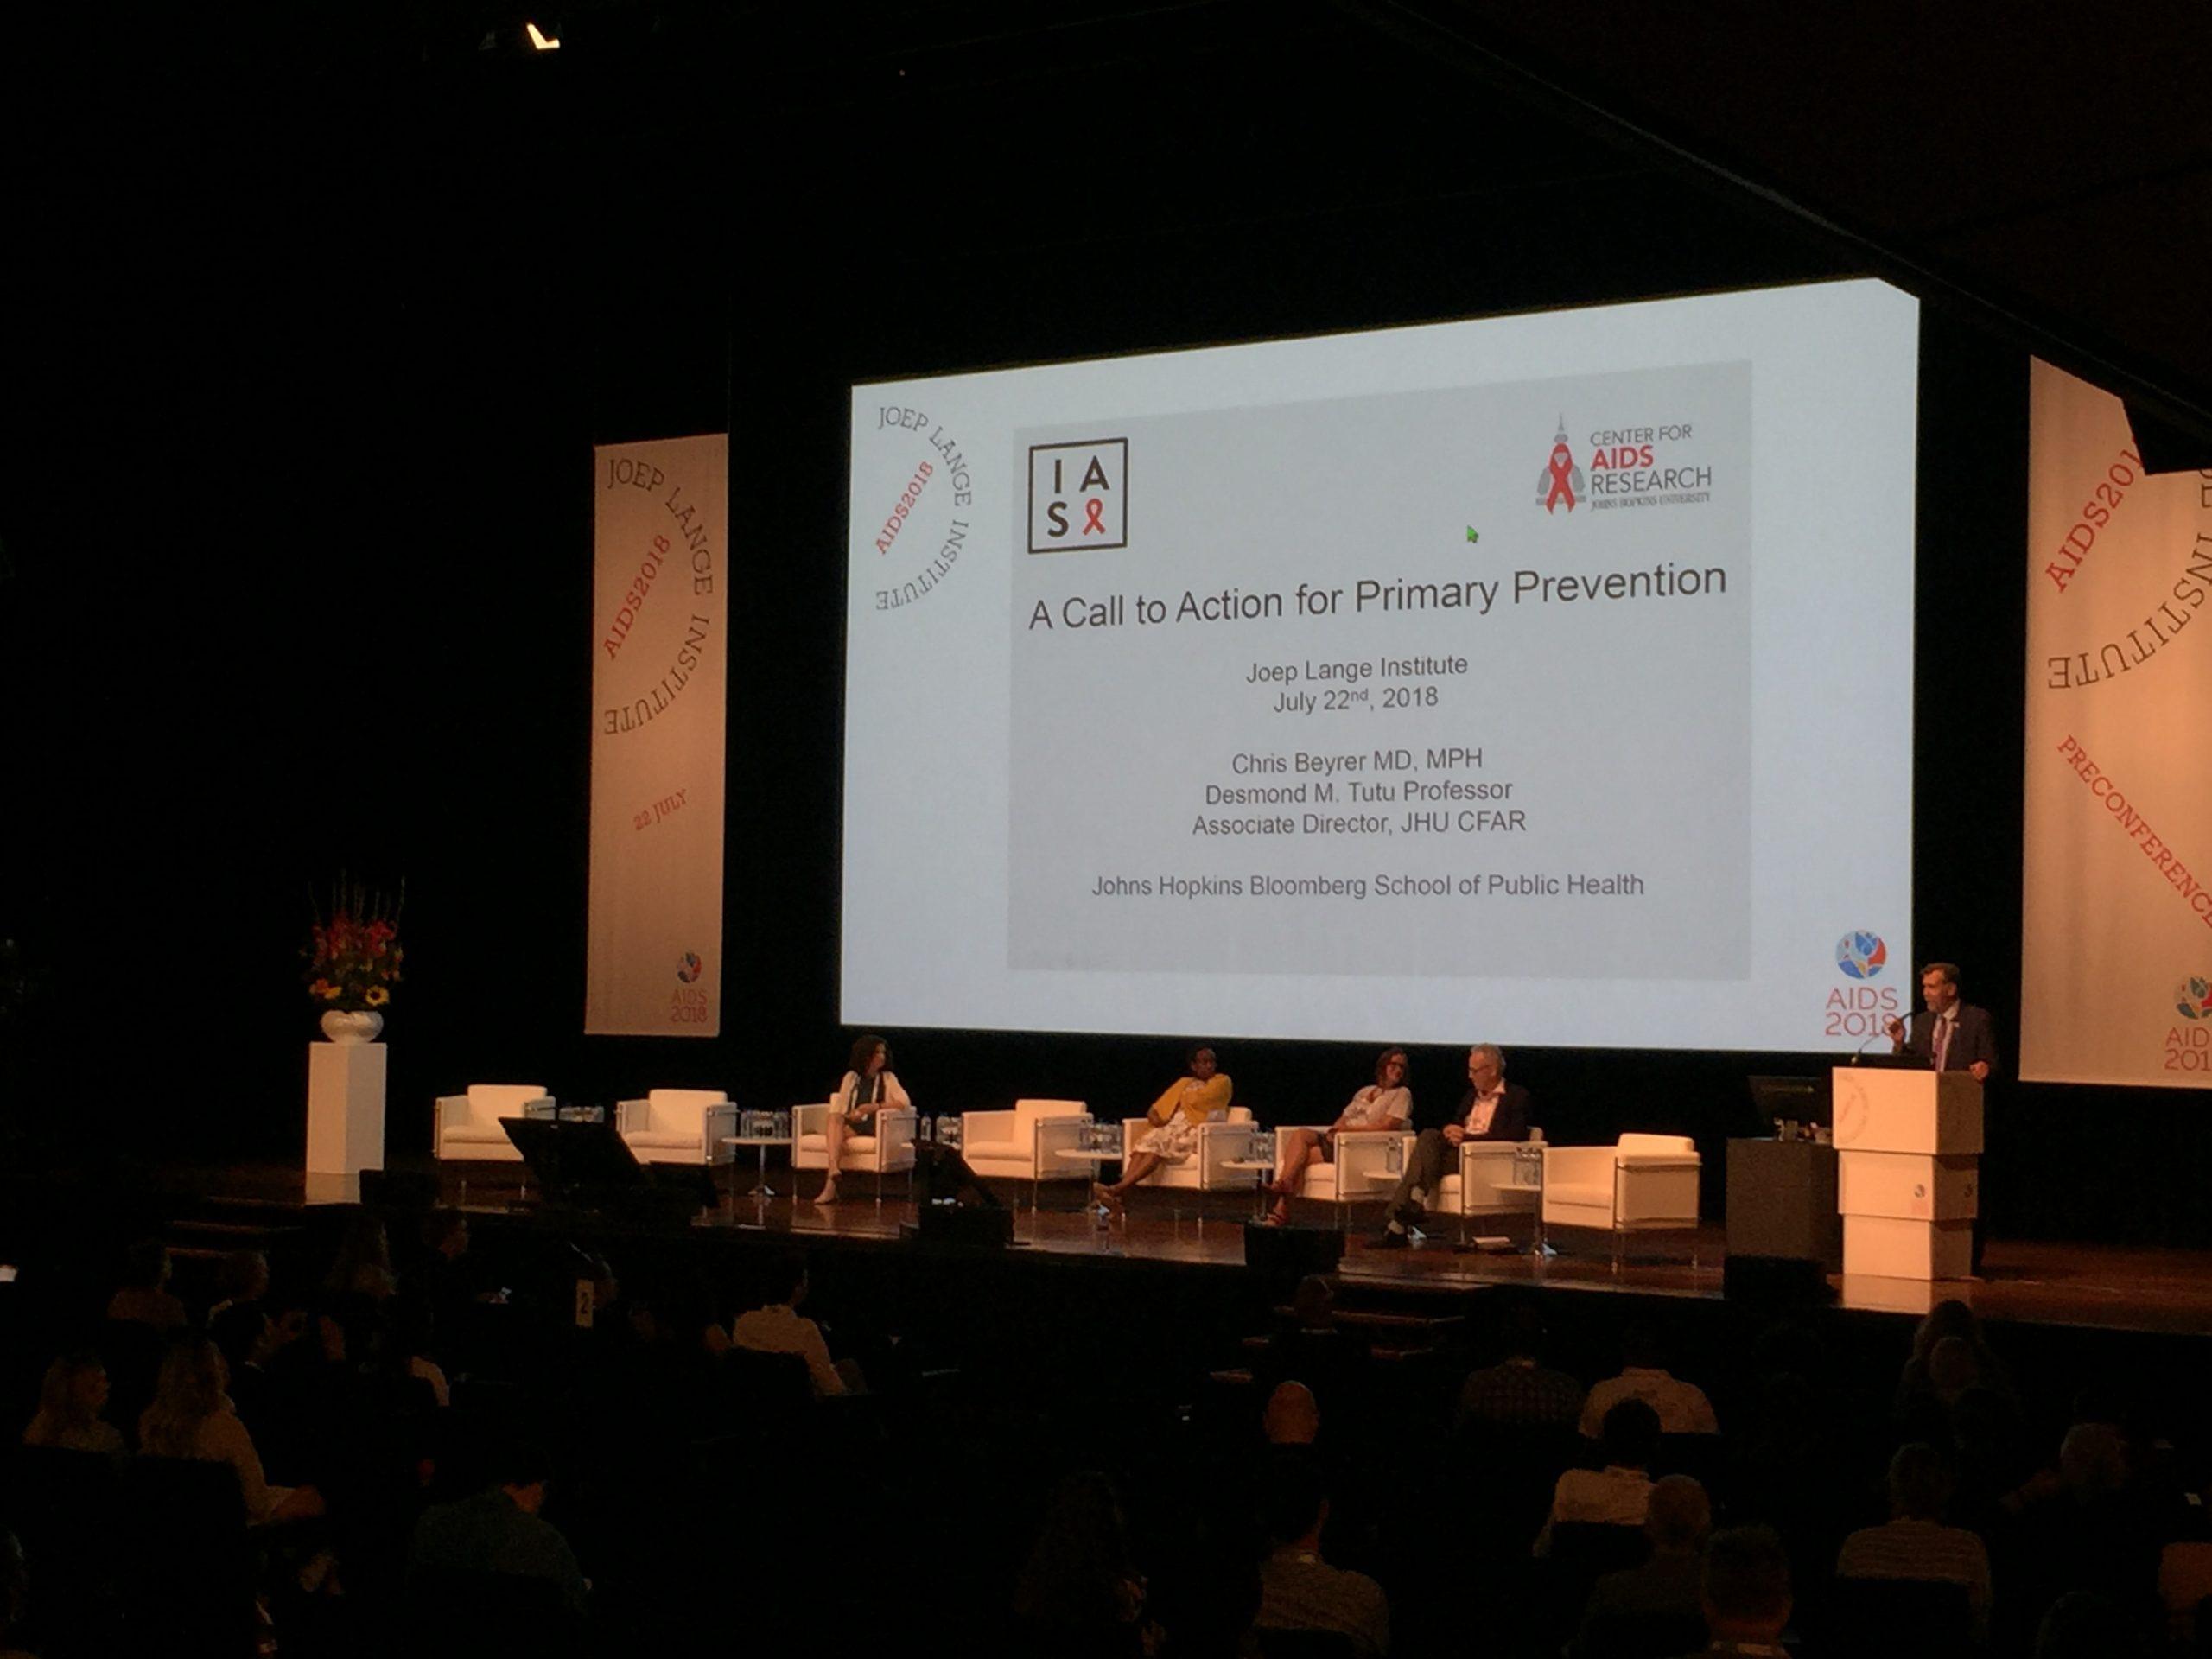 Preconference JLI HIV/AIDS Congres 2018